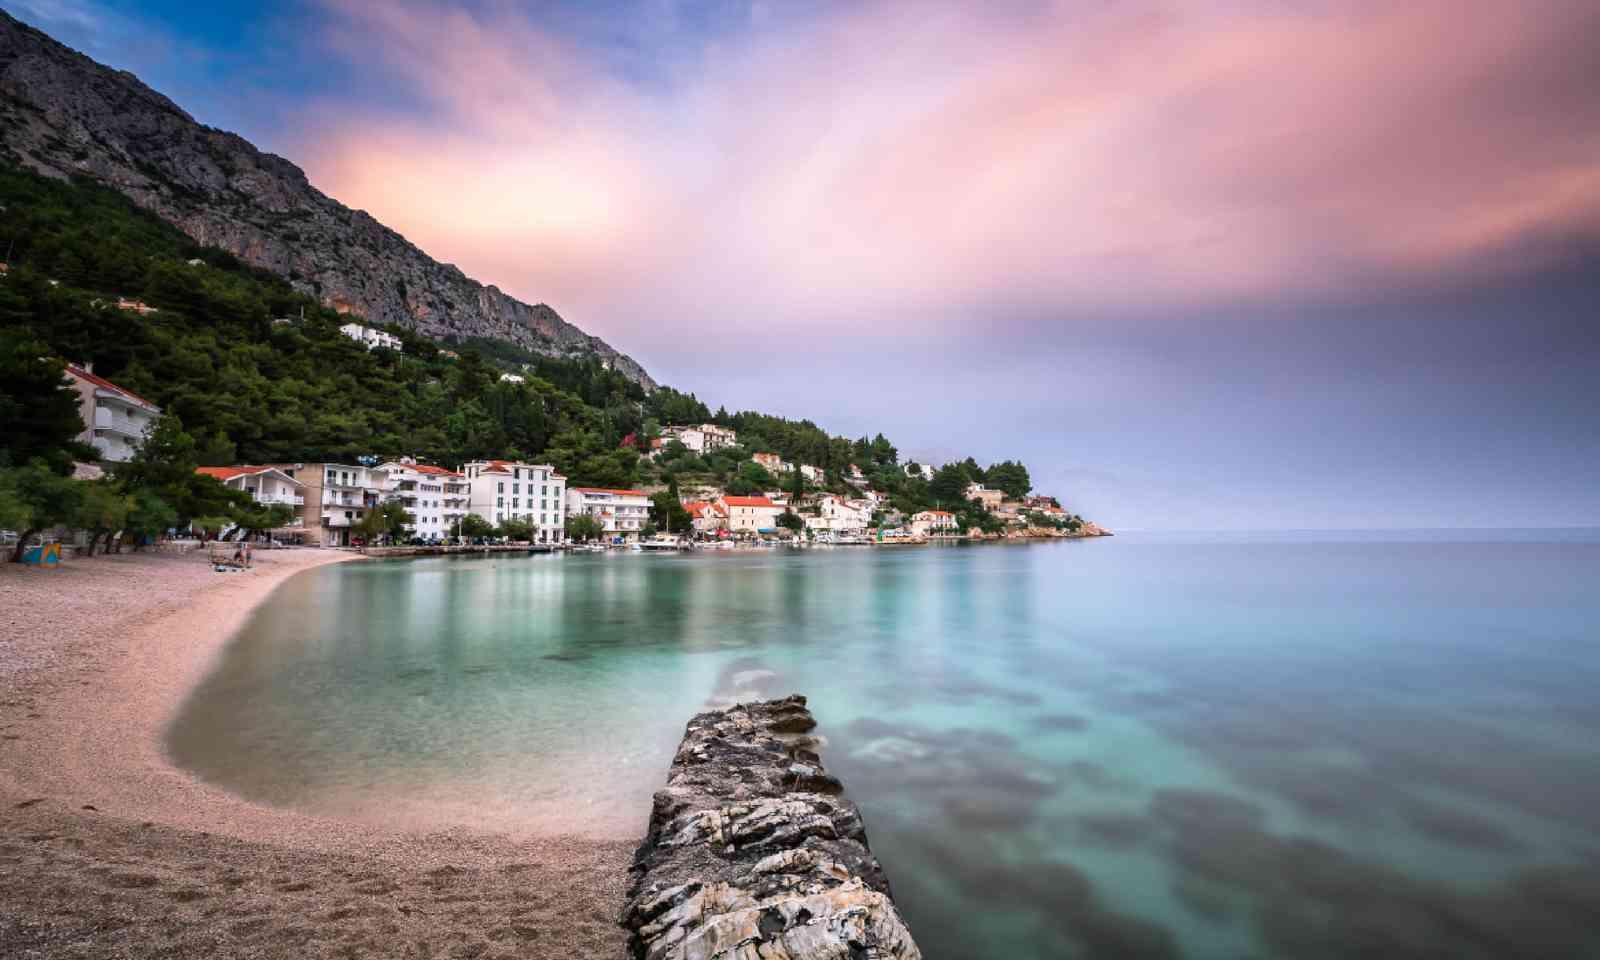 Adriatic Beach and Mimice Village in Dalmatia, Croatia (Shutterstock)